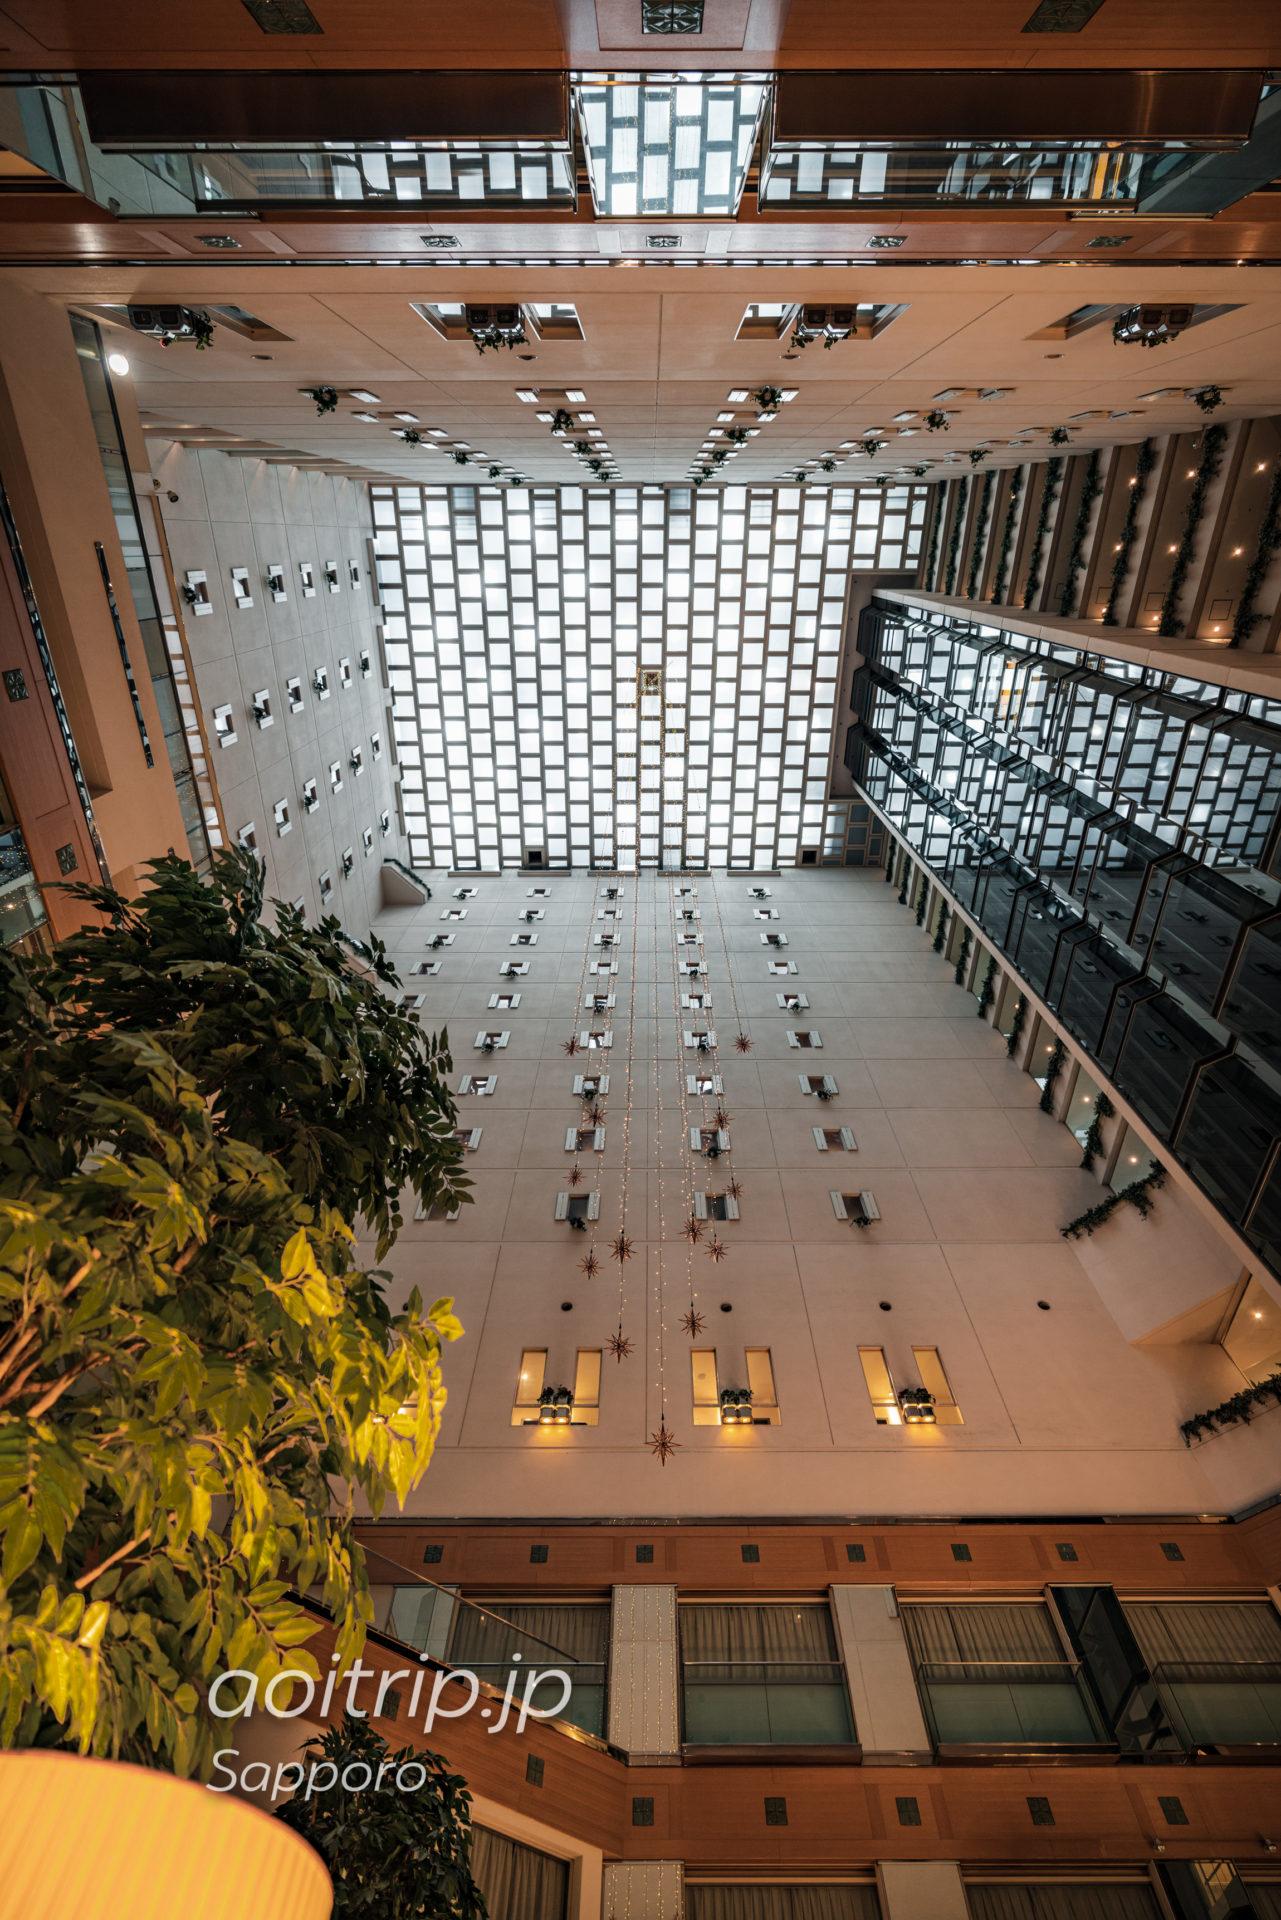 札幌ビューホテルのアトリウム(吹き抜け)